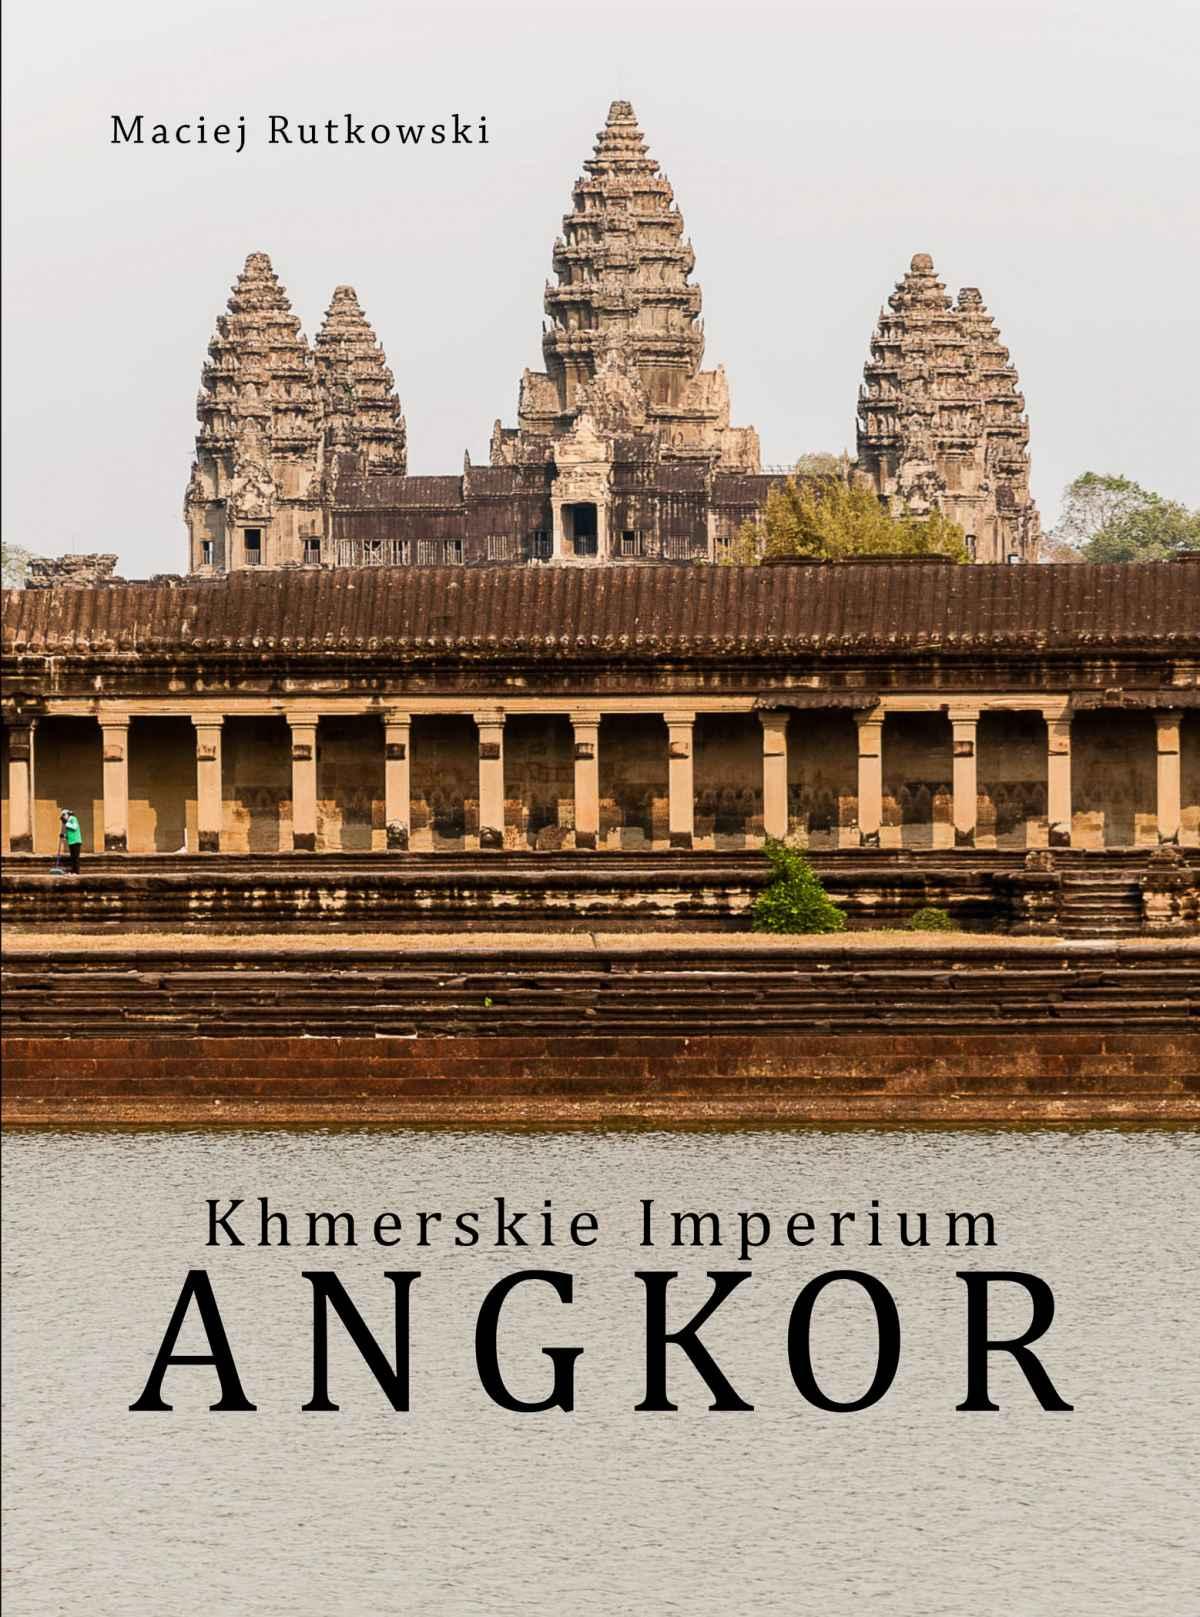 Khmerskie Imperium Angkor - Ebook (Książka PDF) do pobrania w formacie PDF